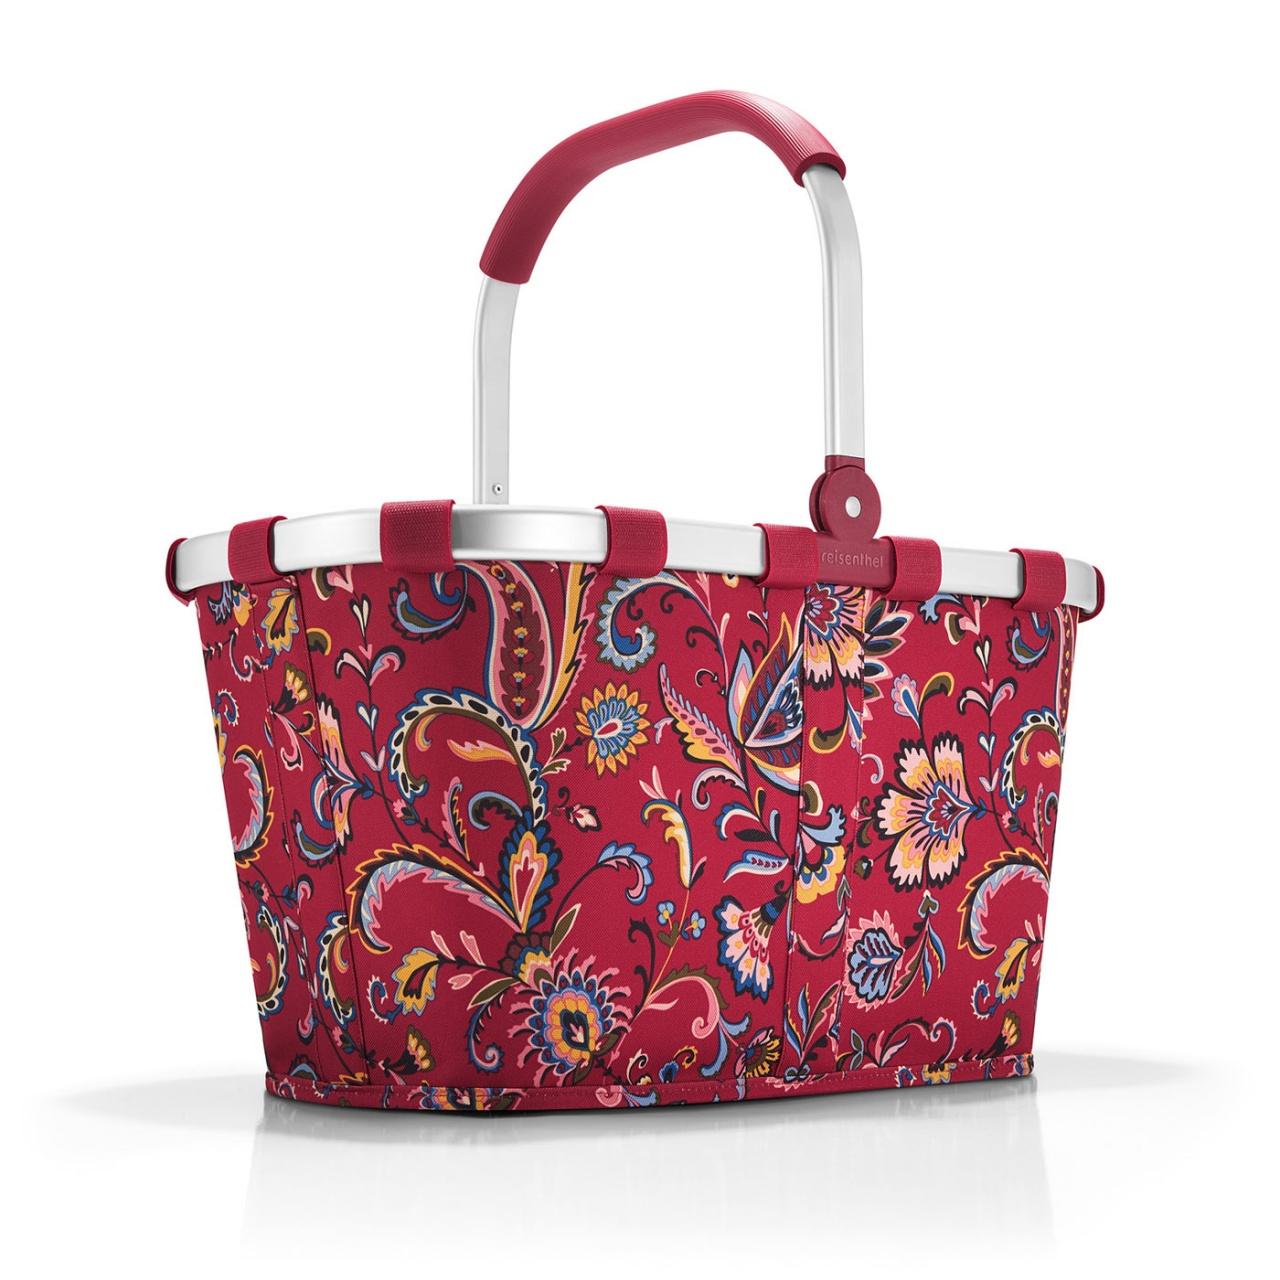 Coș cumpărături Reisenthel Carrybag Dots